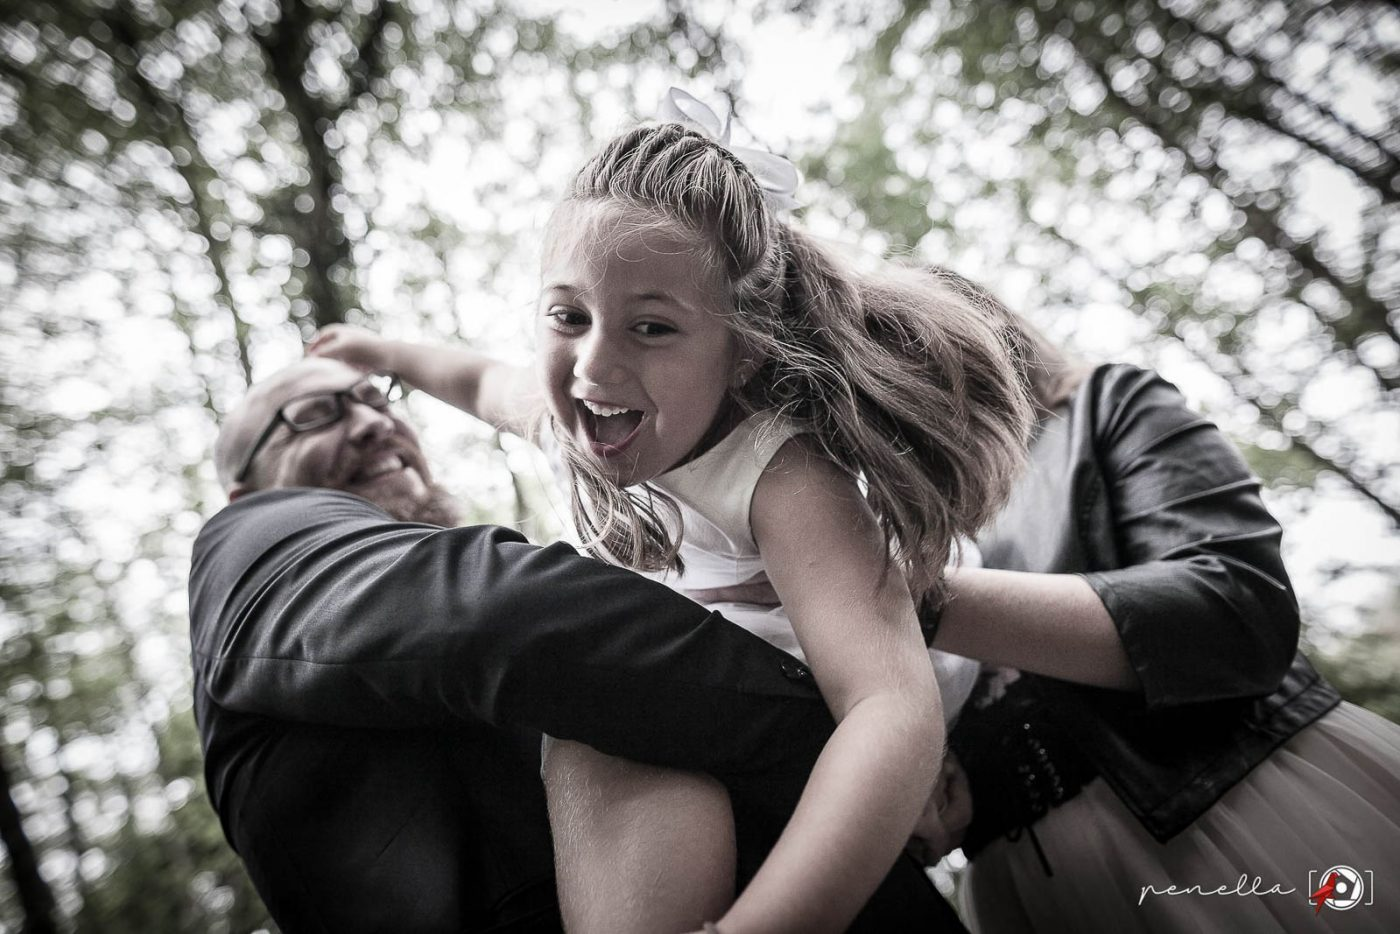 Fotógrafo de familias y reportaje familiar de padres con hijos en Asturias, Soto del Barco, Avilés, Oviedo y Gijón, Penella Fotografía